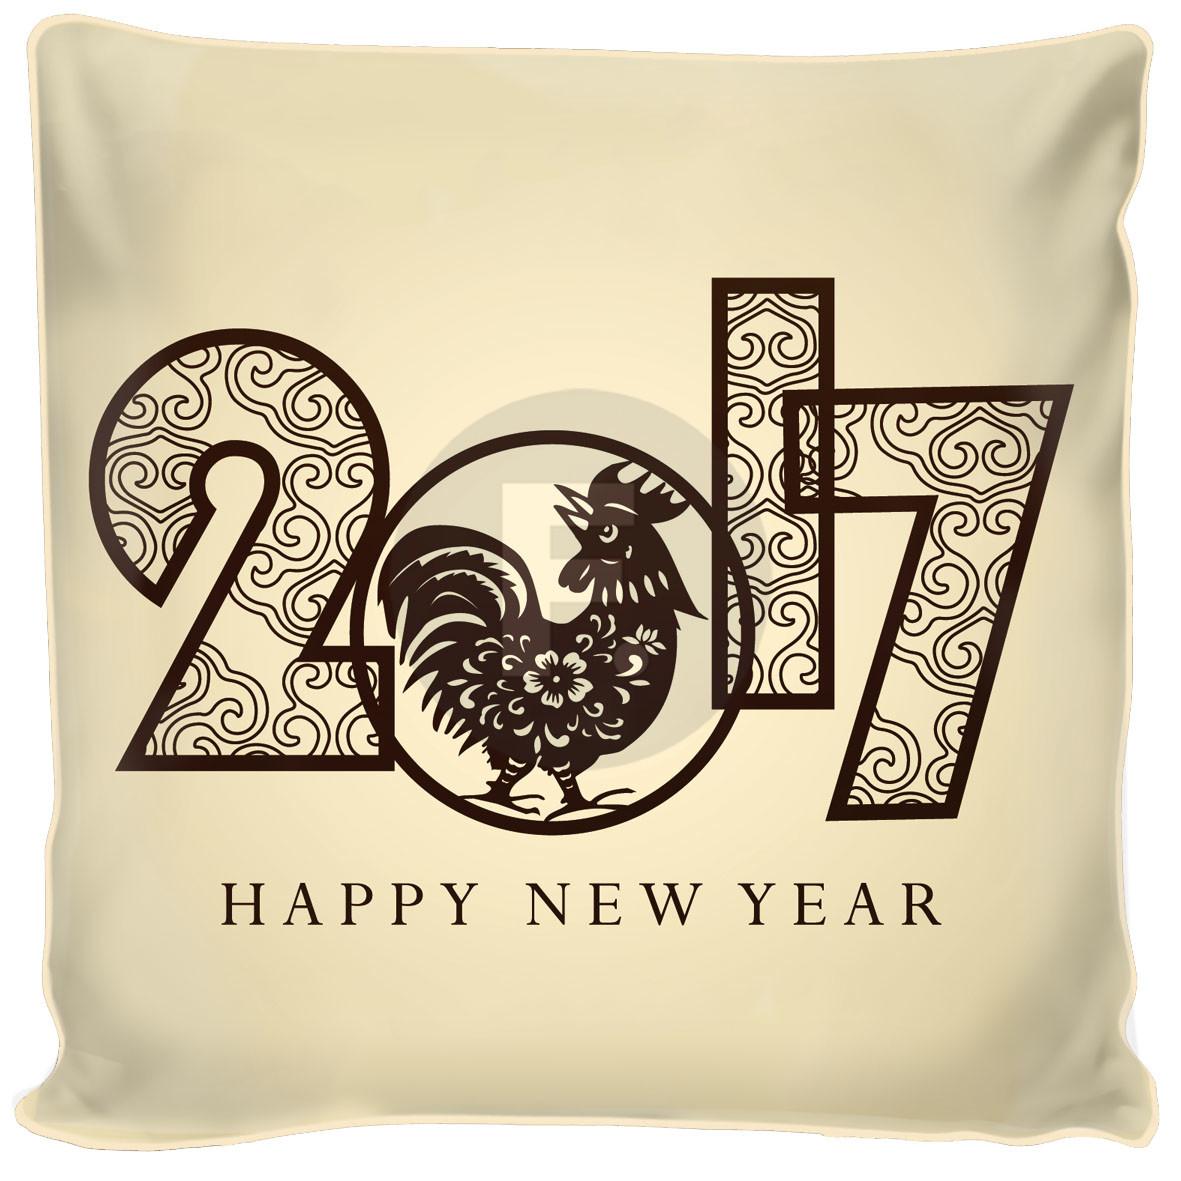 Декоративные подушки Fototende Декоративная подушка С Новым Годом (45х45) декоративные подушки fototende декоративная подушка апельсин с лимоном 45х45